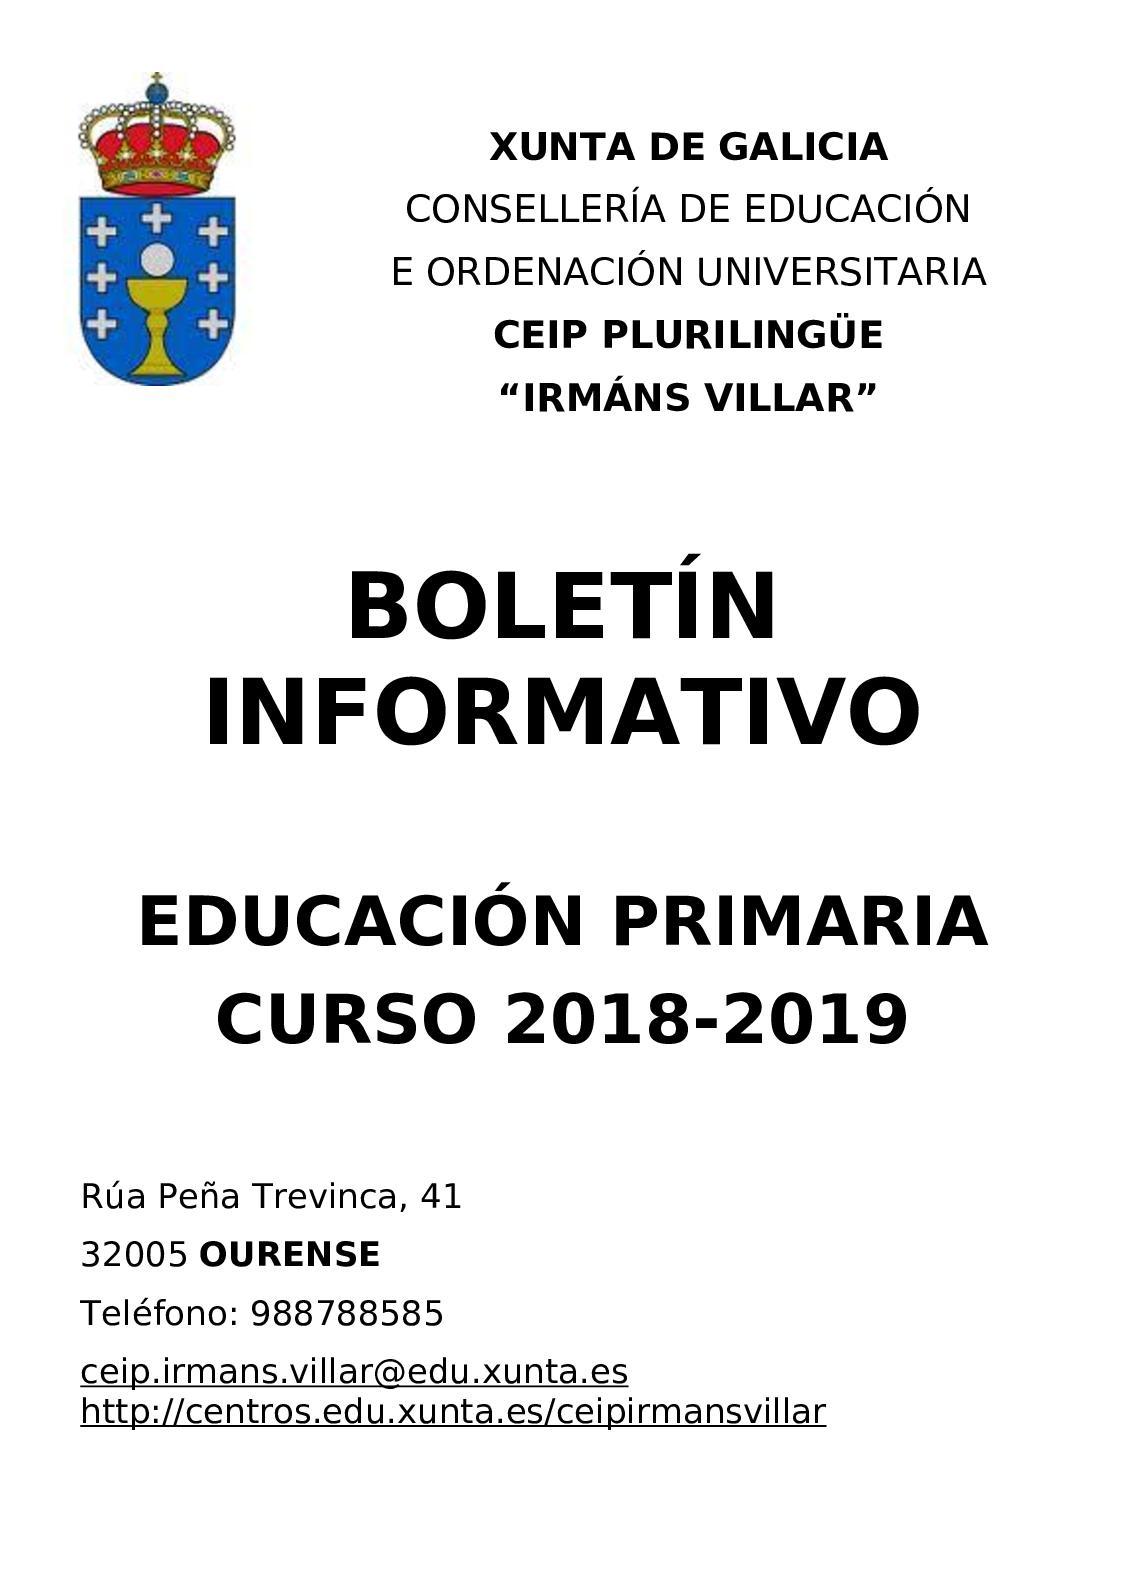 Calendario Escolar Xunta.Calameo Boletin Informativo Primaria 18 19